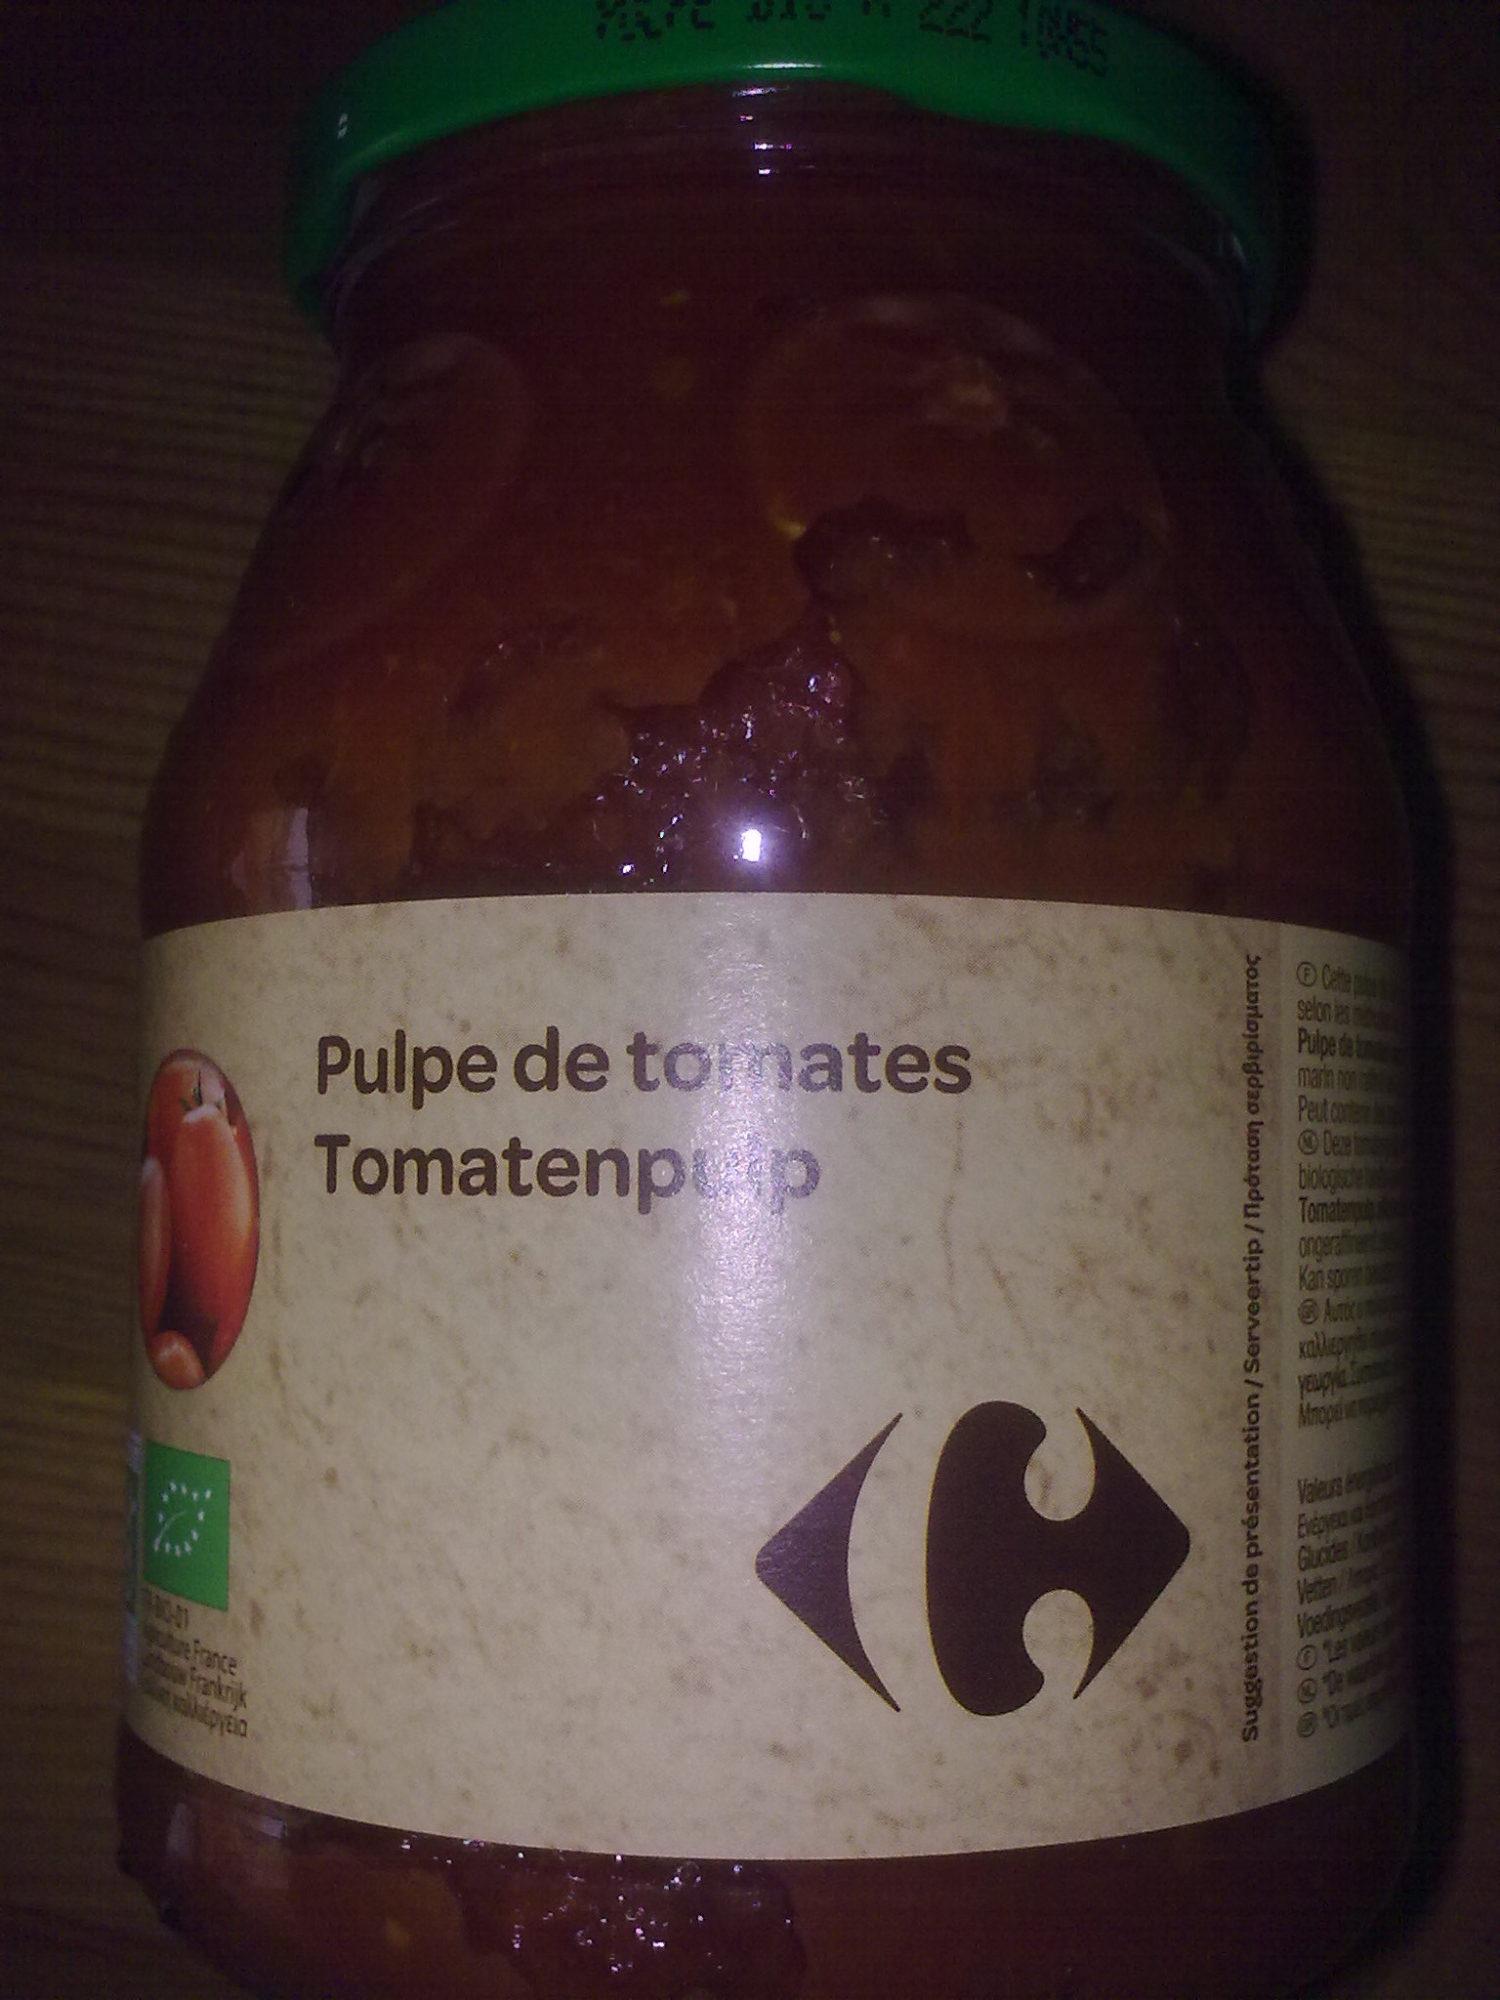 Pulpe de tomates Fraîches - Producto - fr